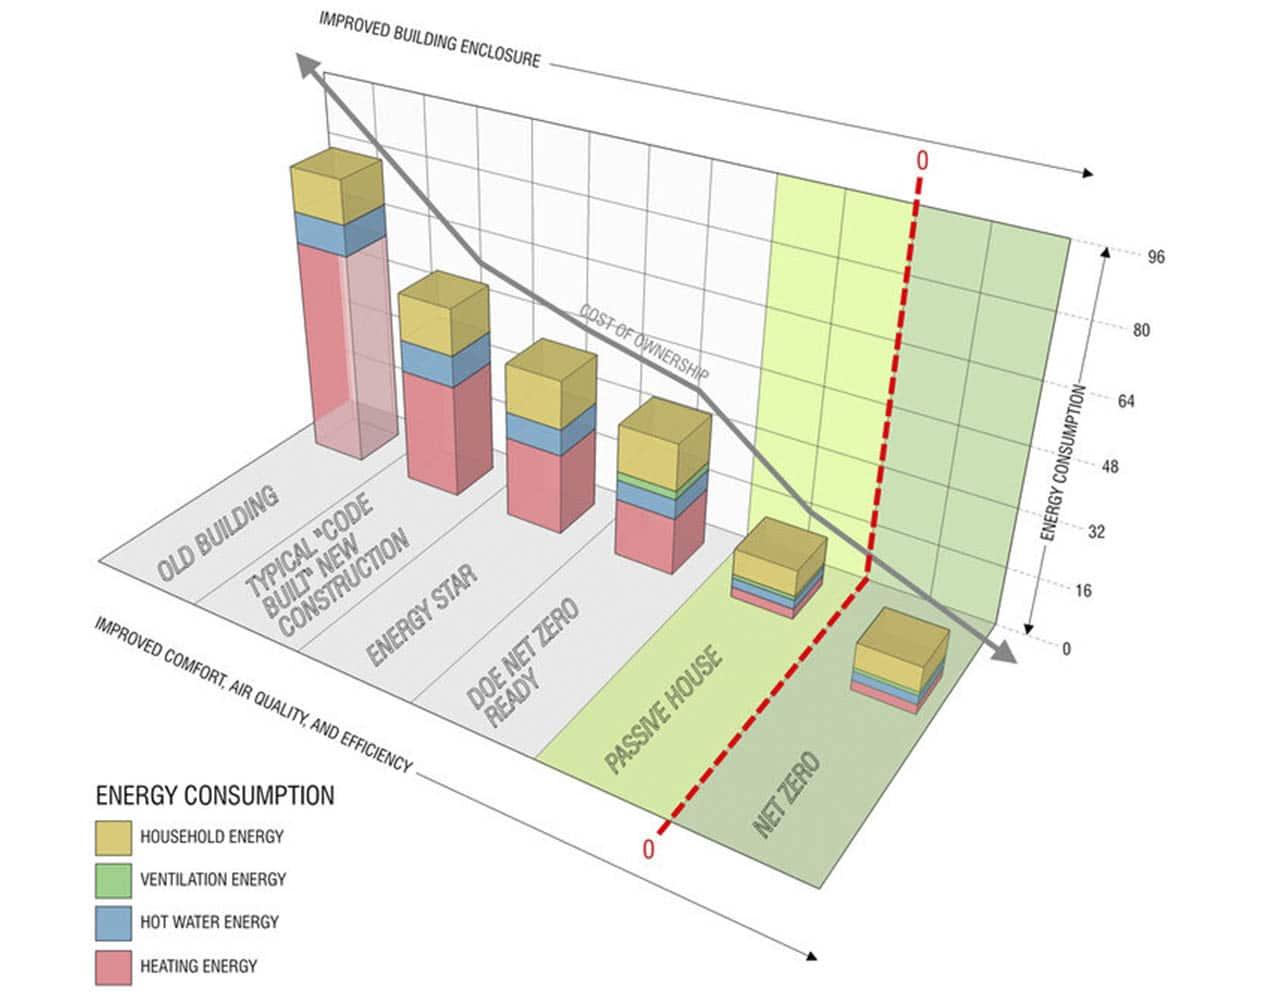 Рис. 1: Розподіл будівель за рівнем споживання енергії